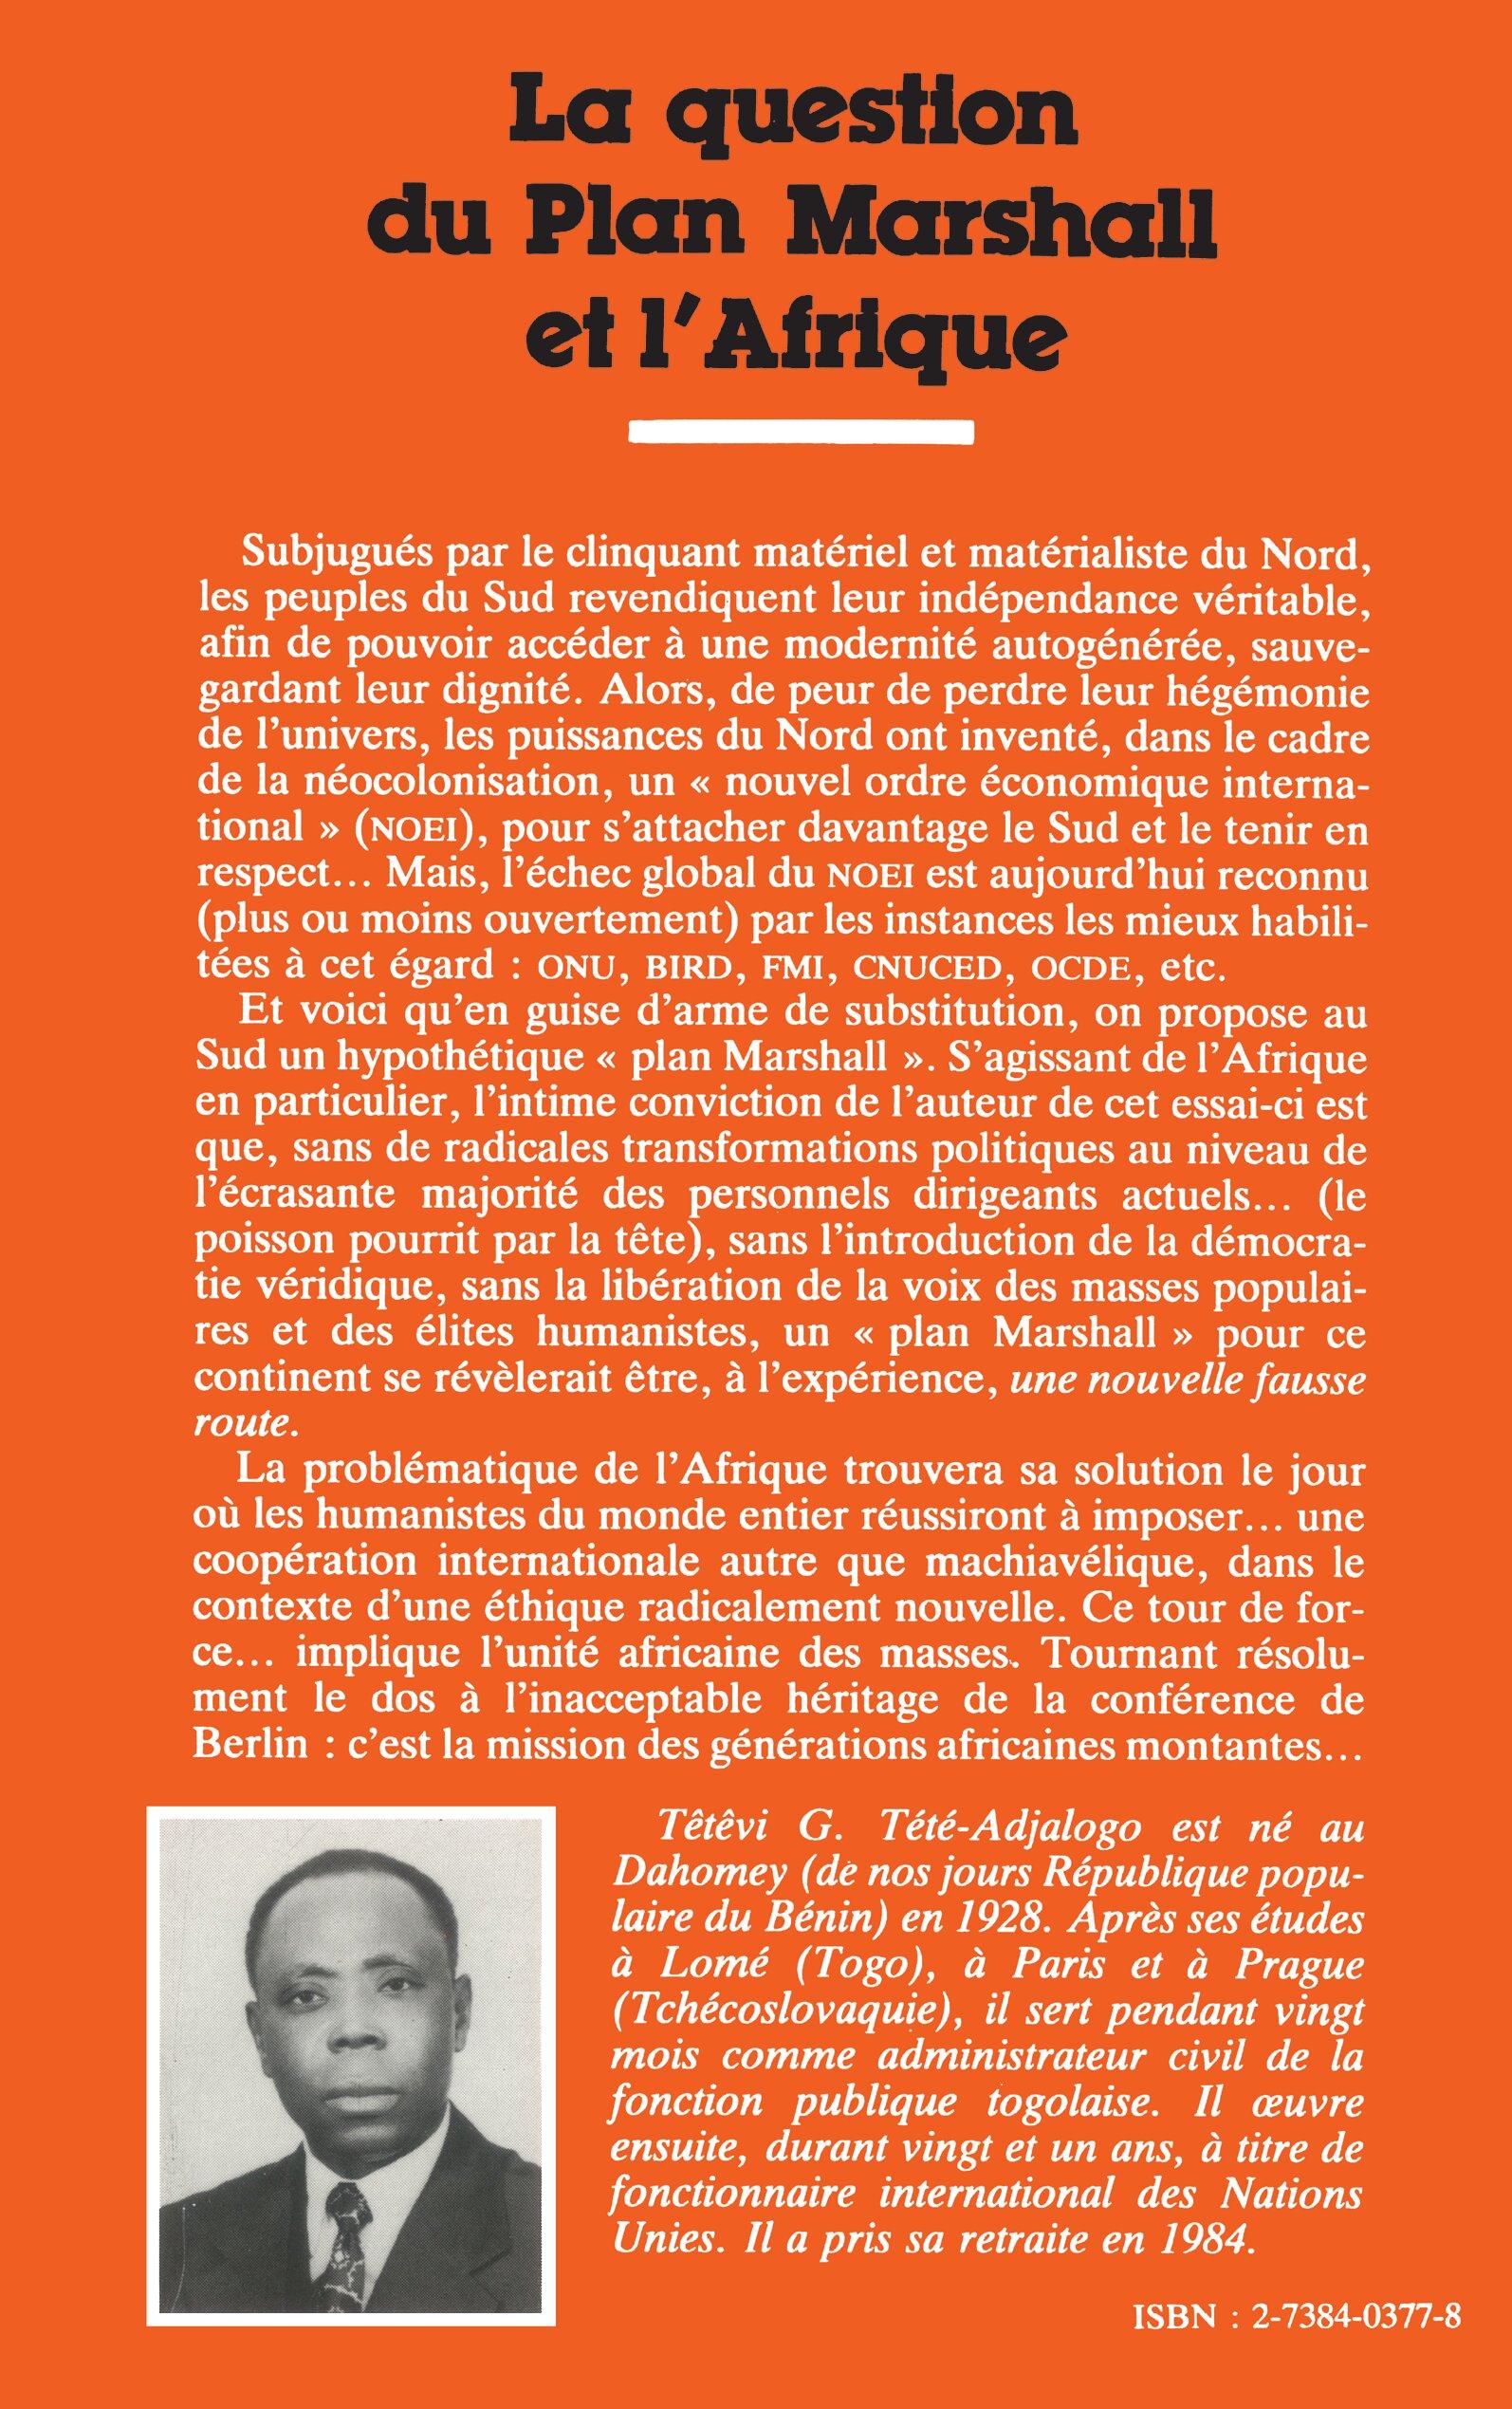 fonction publique togolaise